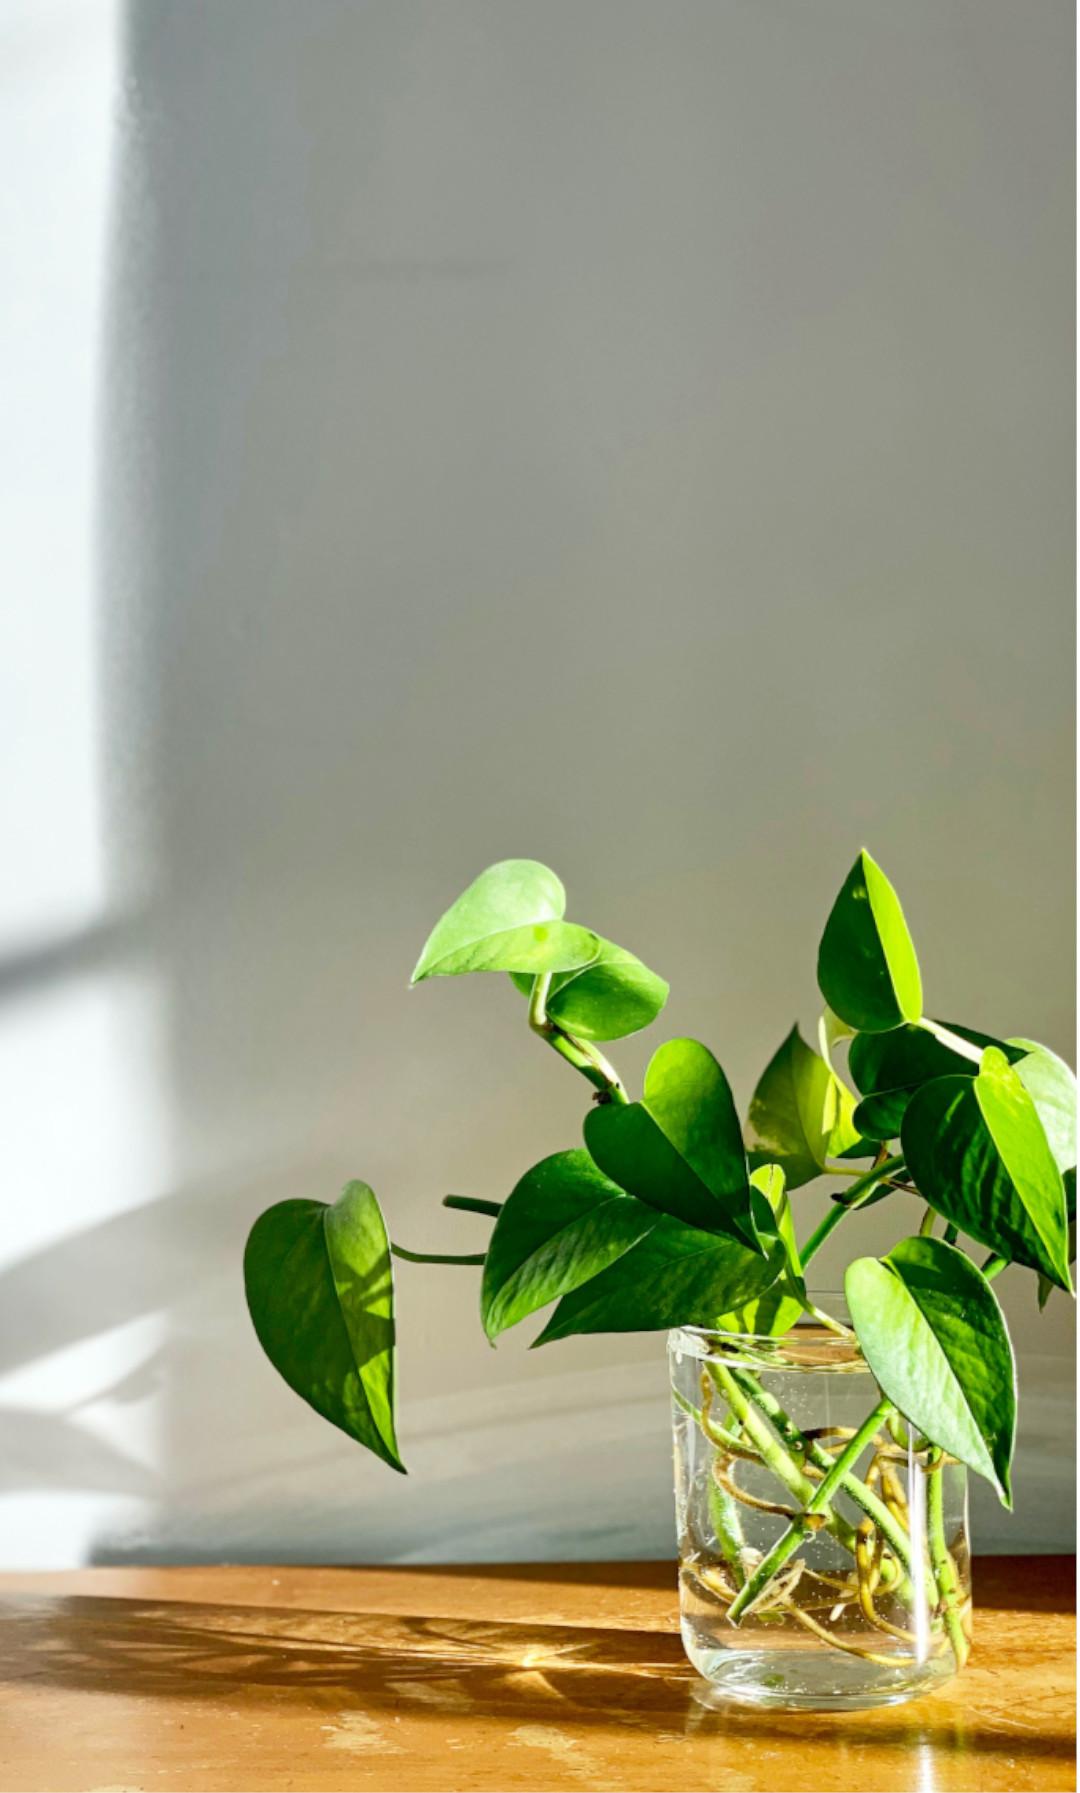 plante verte facile d'entretien pas la main verte, au bureau